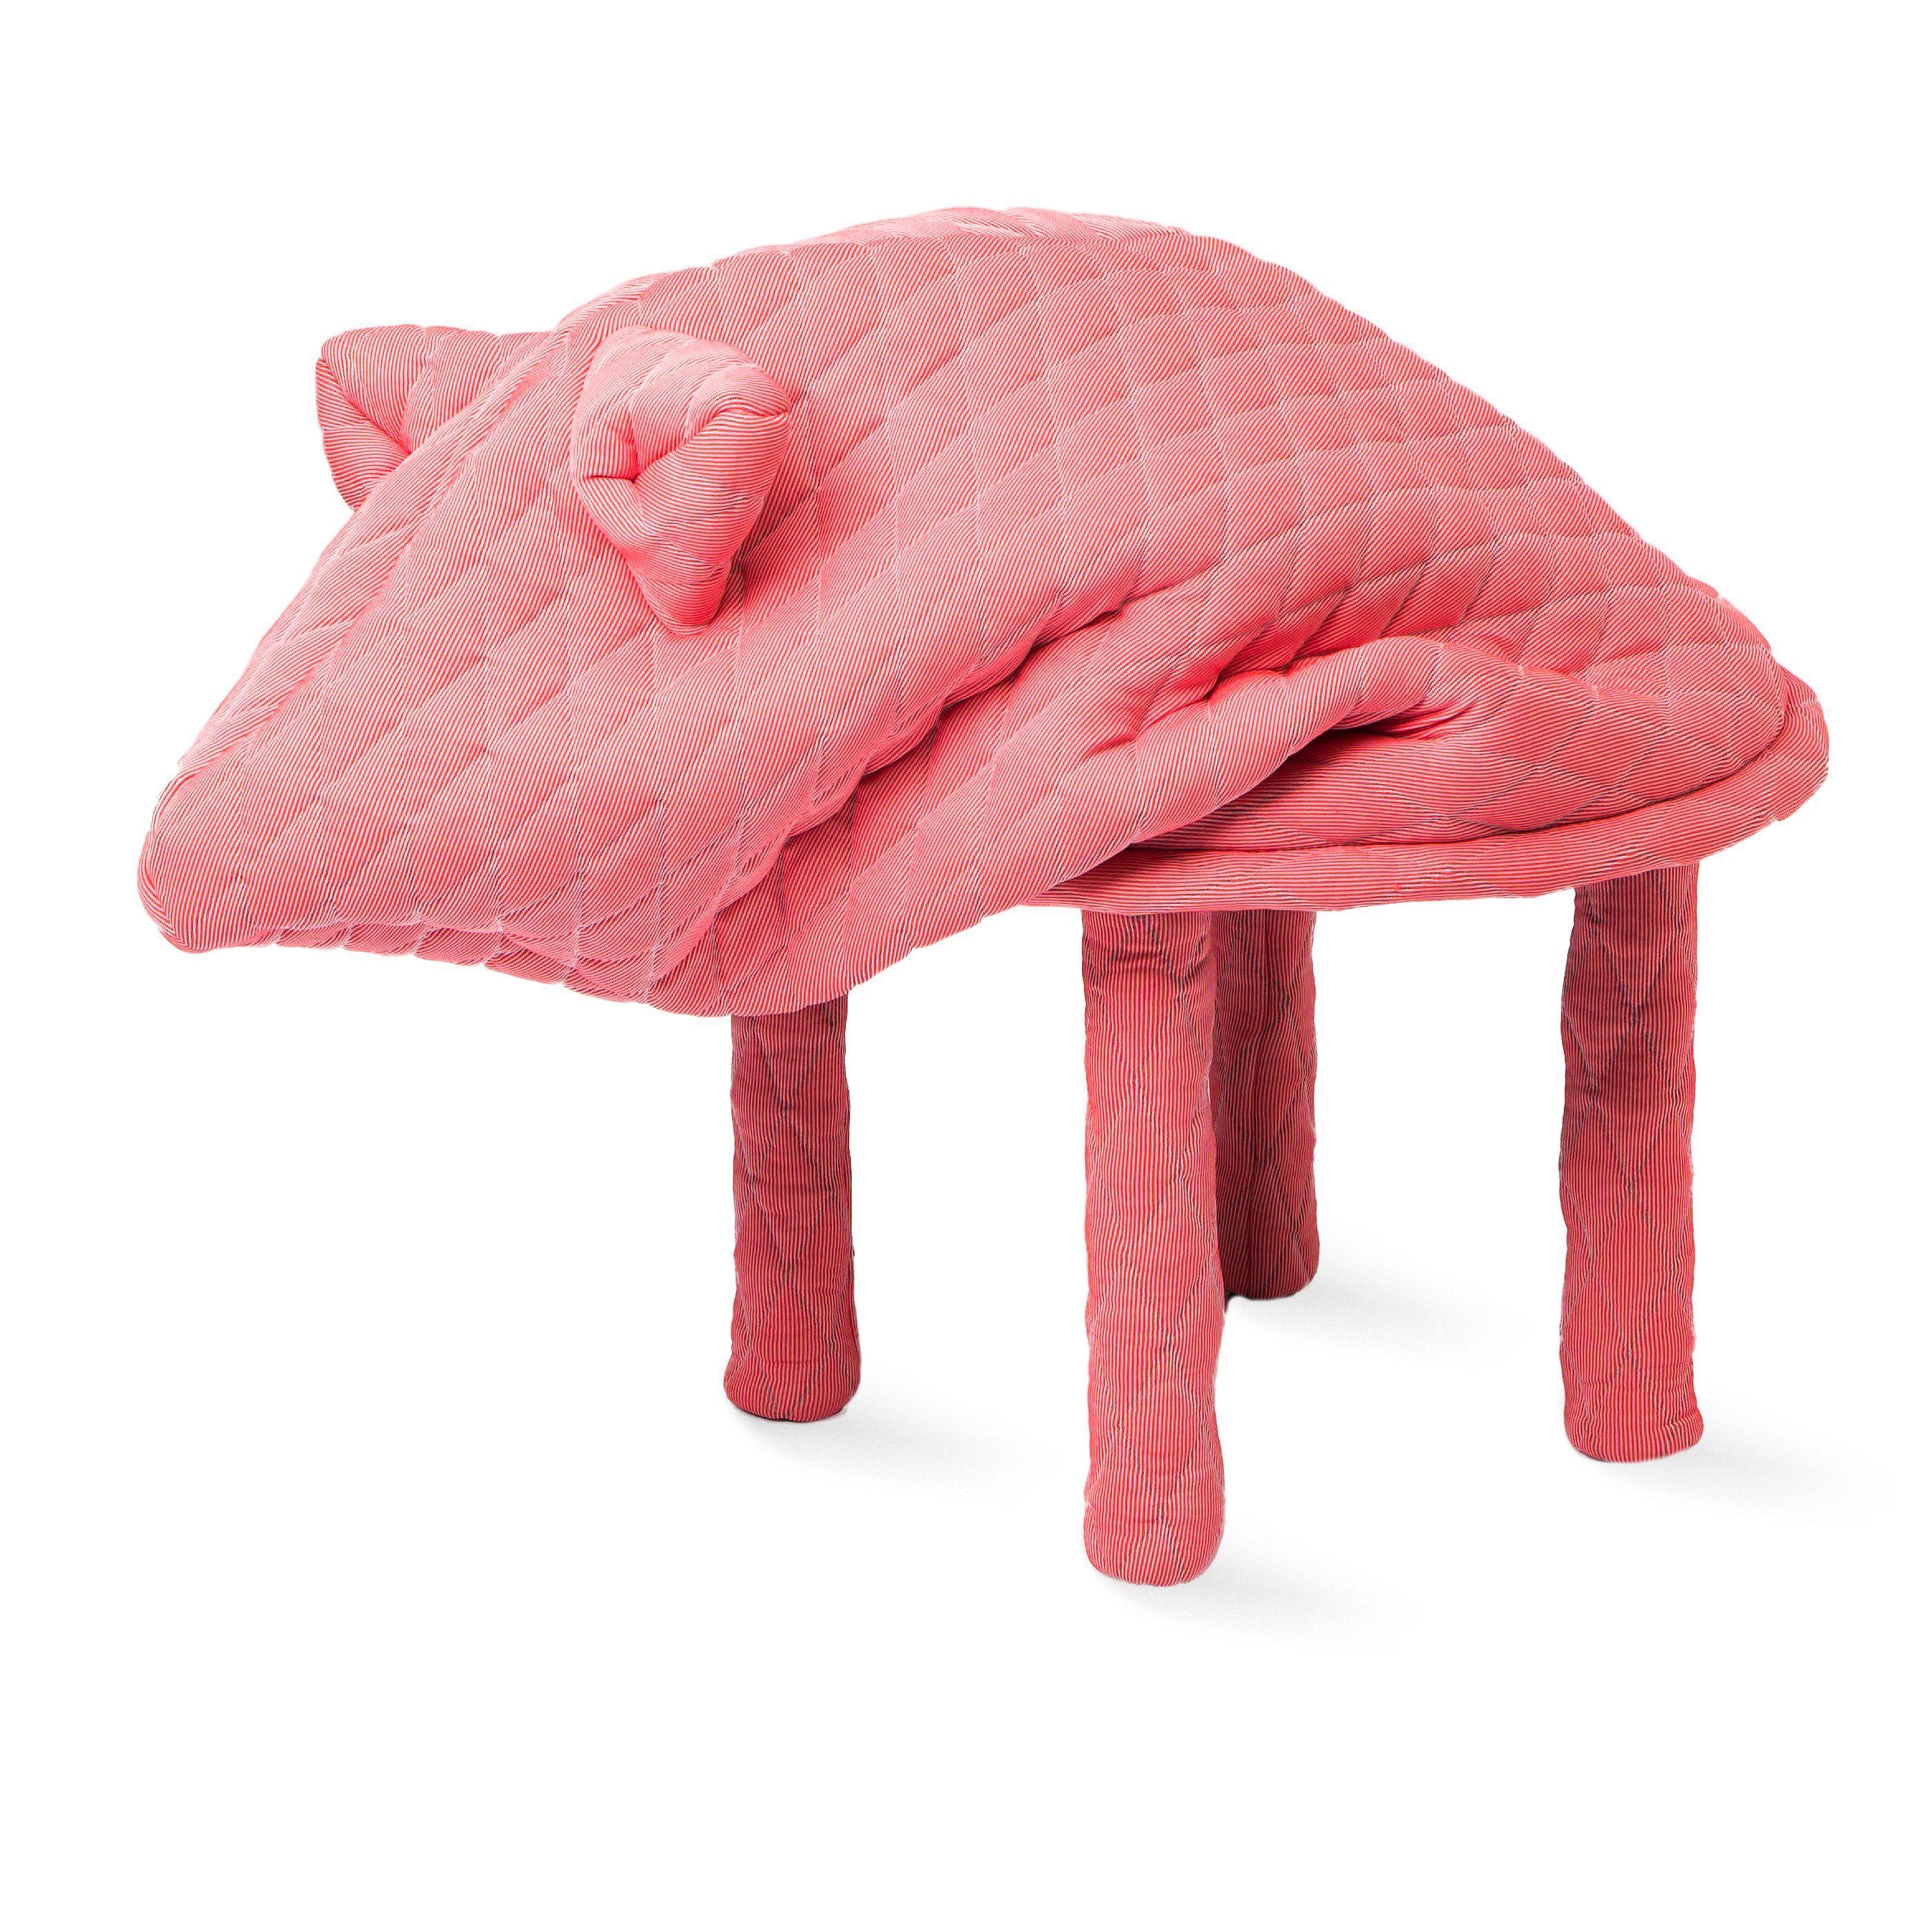 Petite Friture Petstools kinderstoel roze kopen